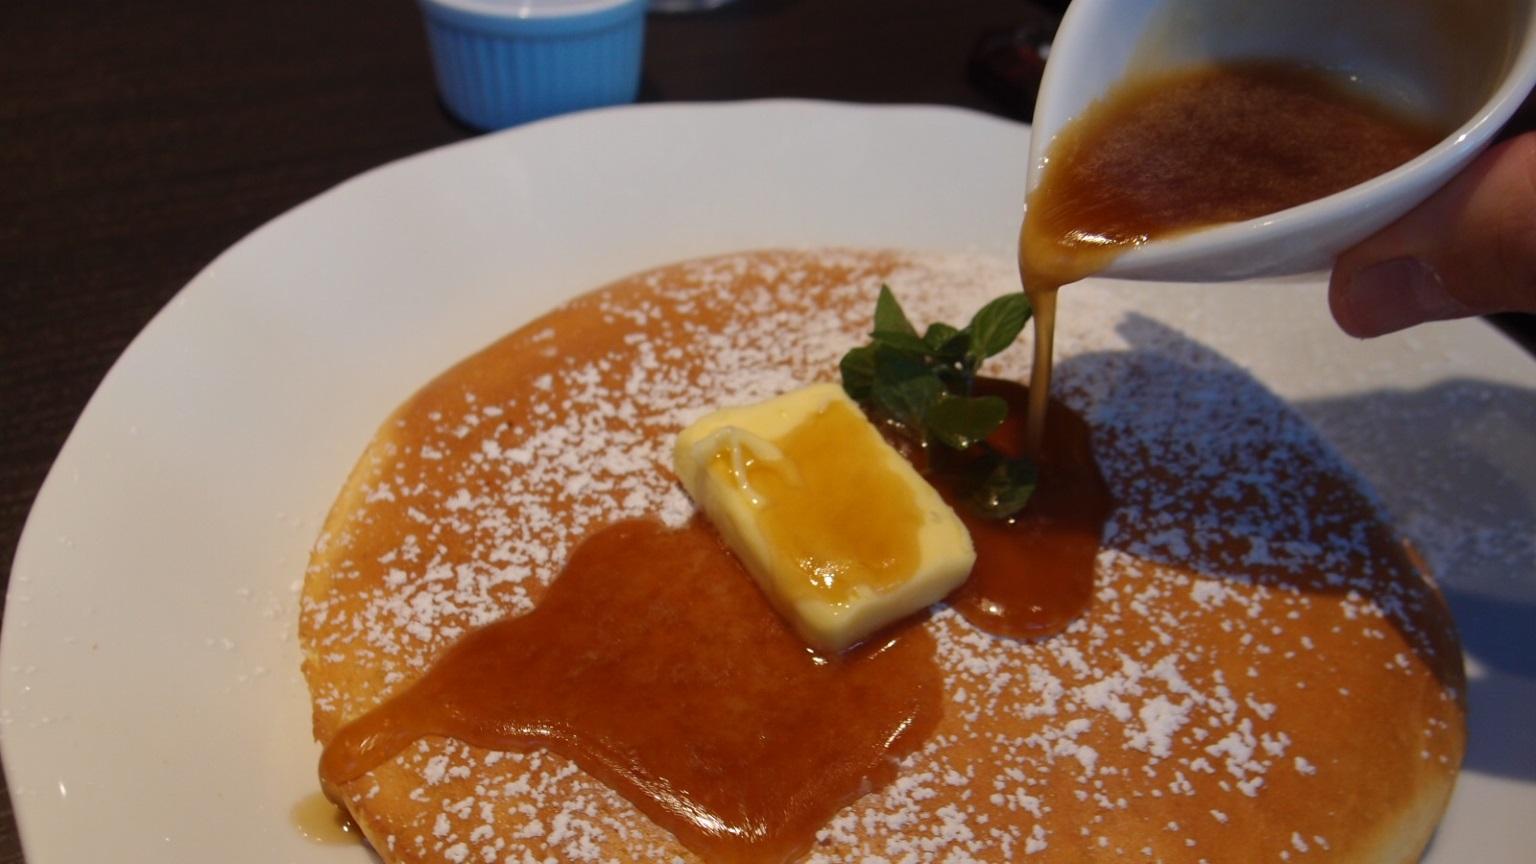 銀座 銀座珈琲店 メープルバターパンケーキ